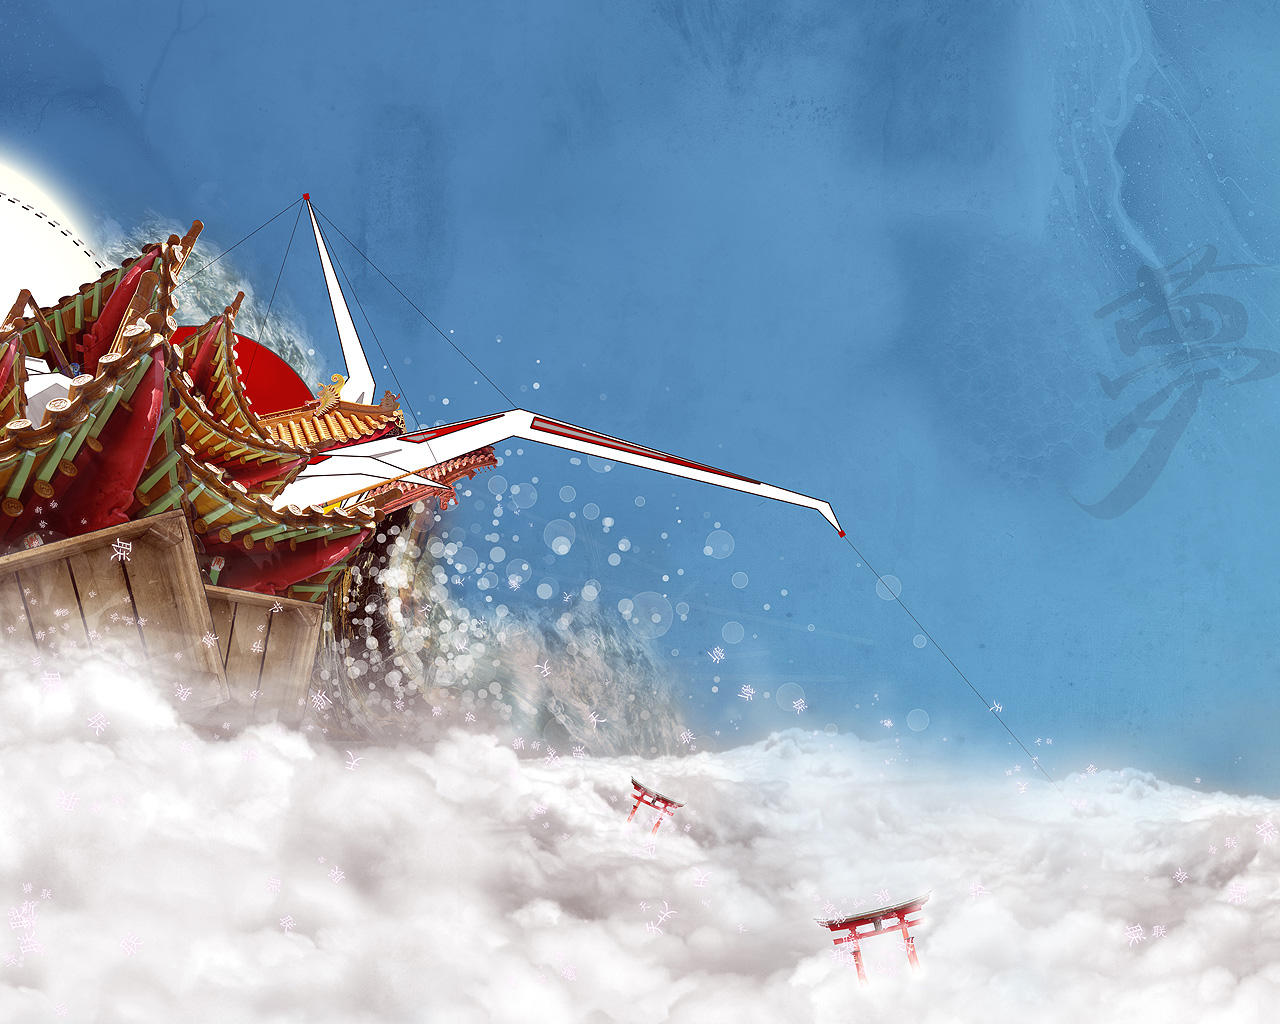 http://fc03.deviantart.net/fs20/i/2007/289/0/9/Oriental_Chiling___Wallpaper_by_velendil.jpg